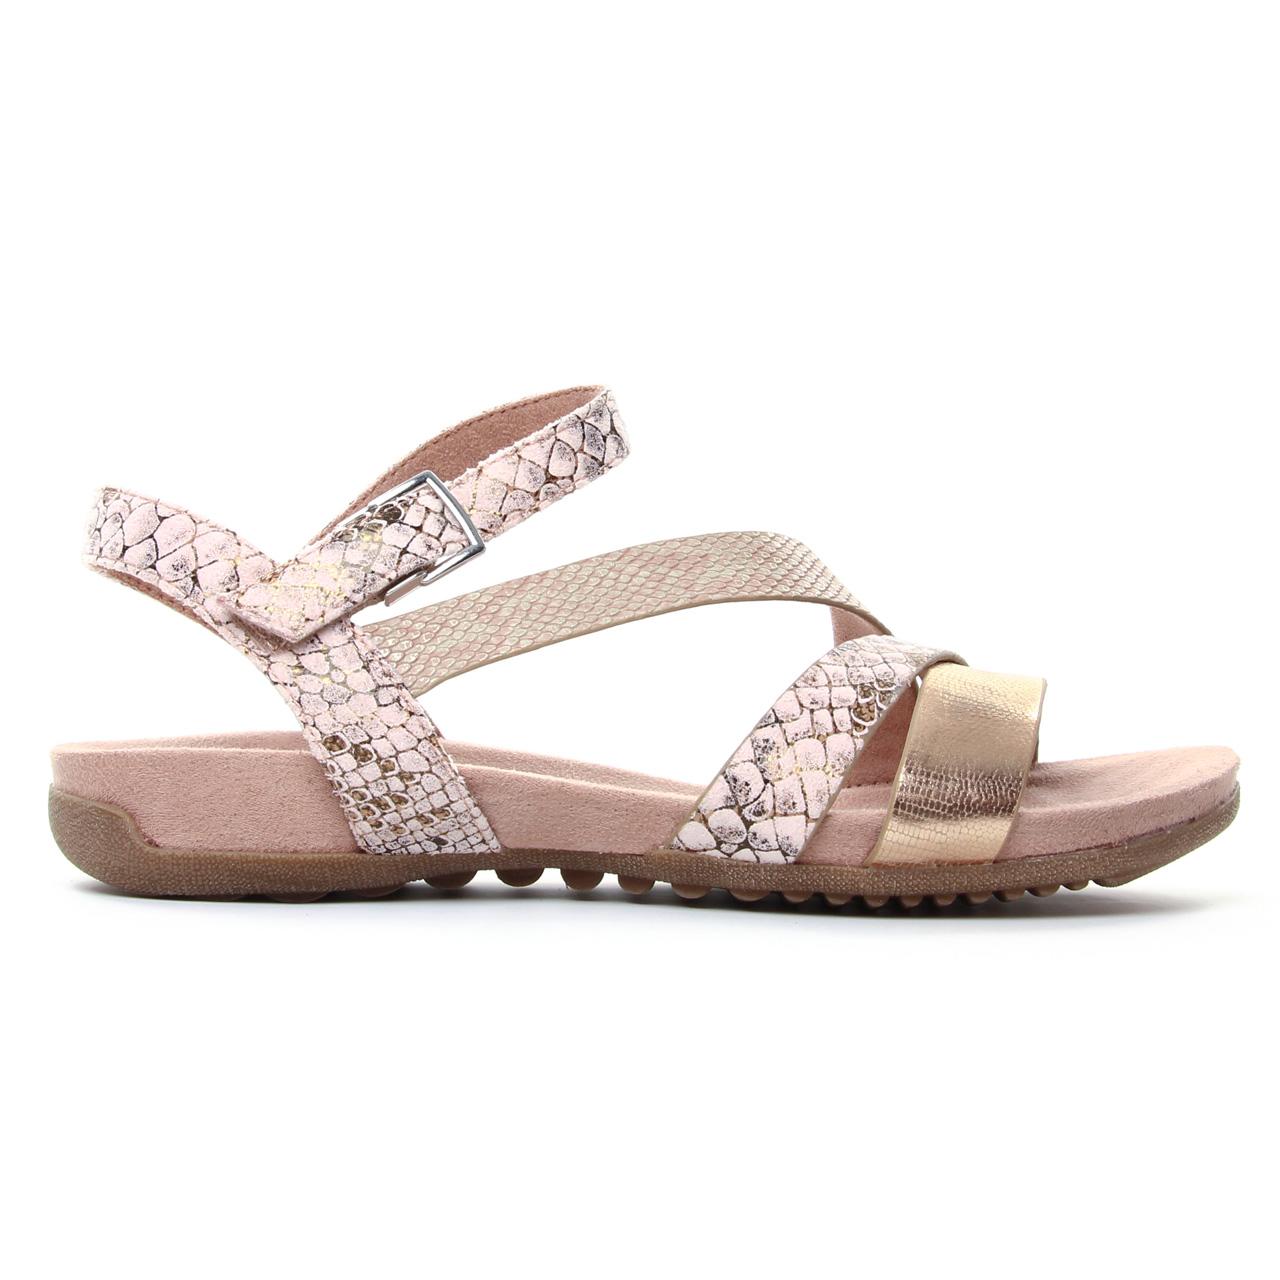 Tamaris 28604 Rose | sandales rose doré printemps été chez